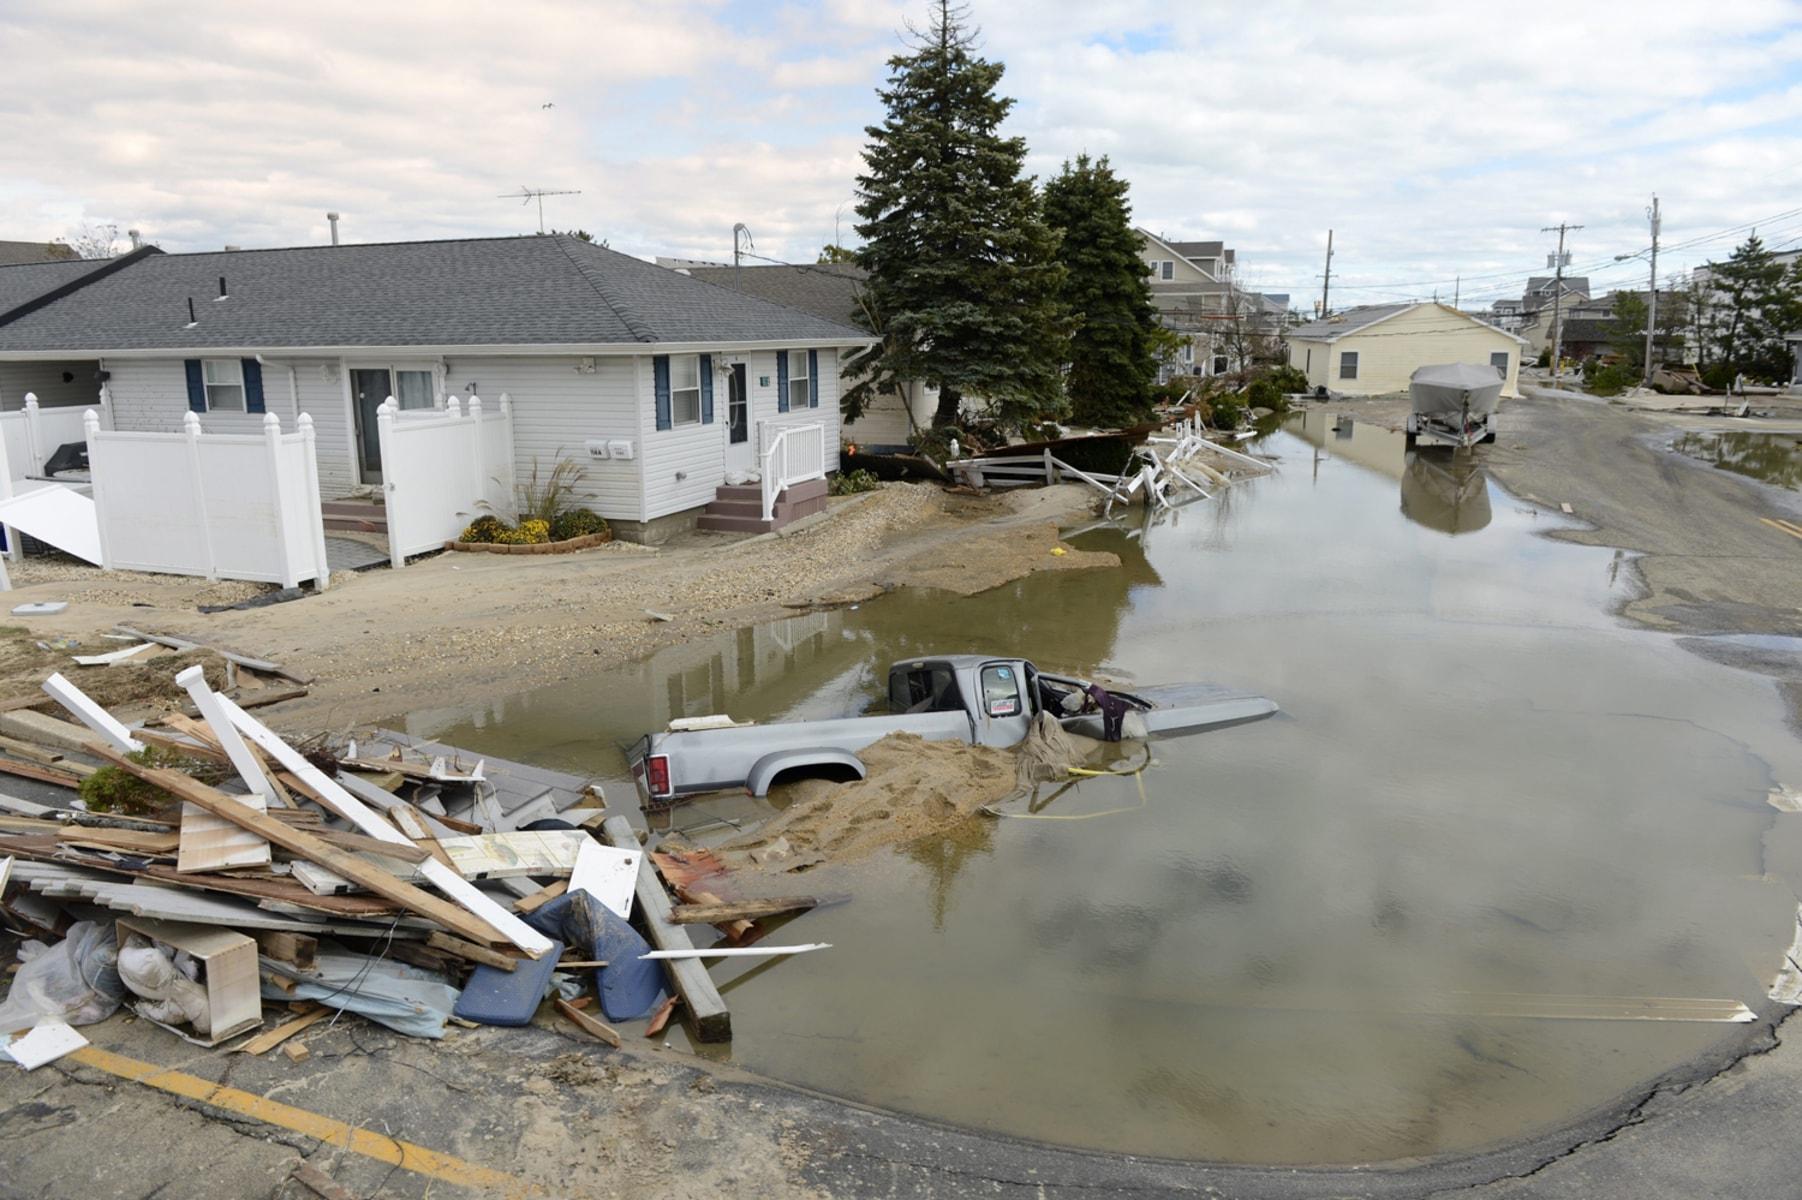 фото после урагана новороссийск